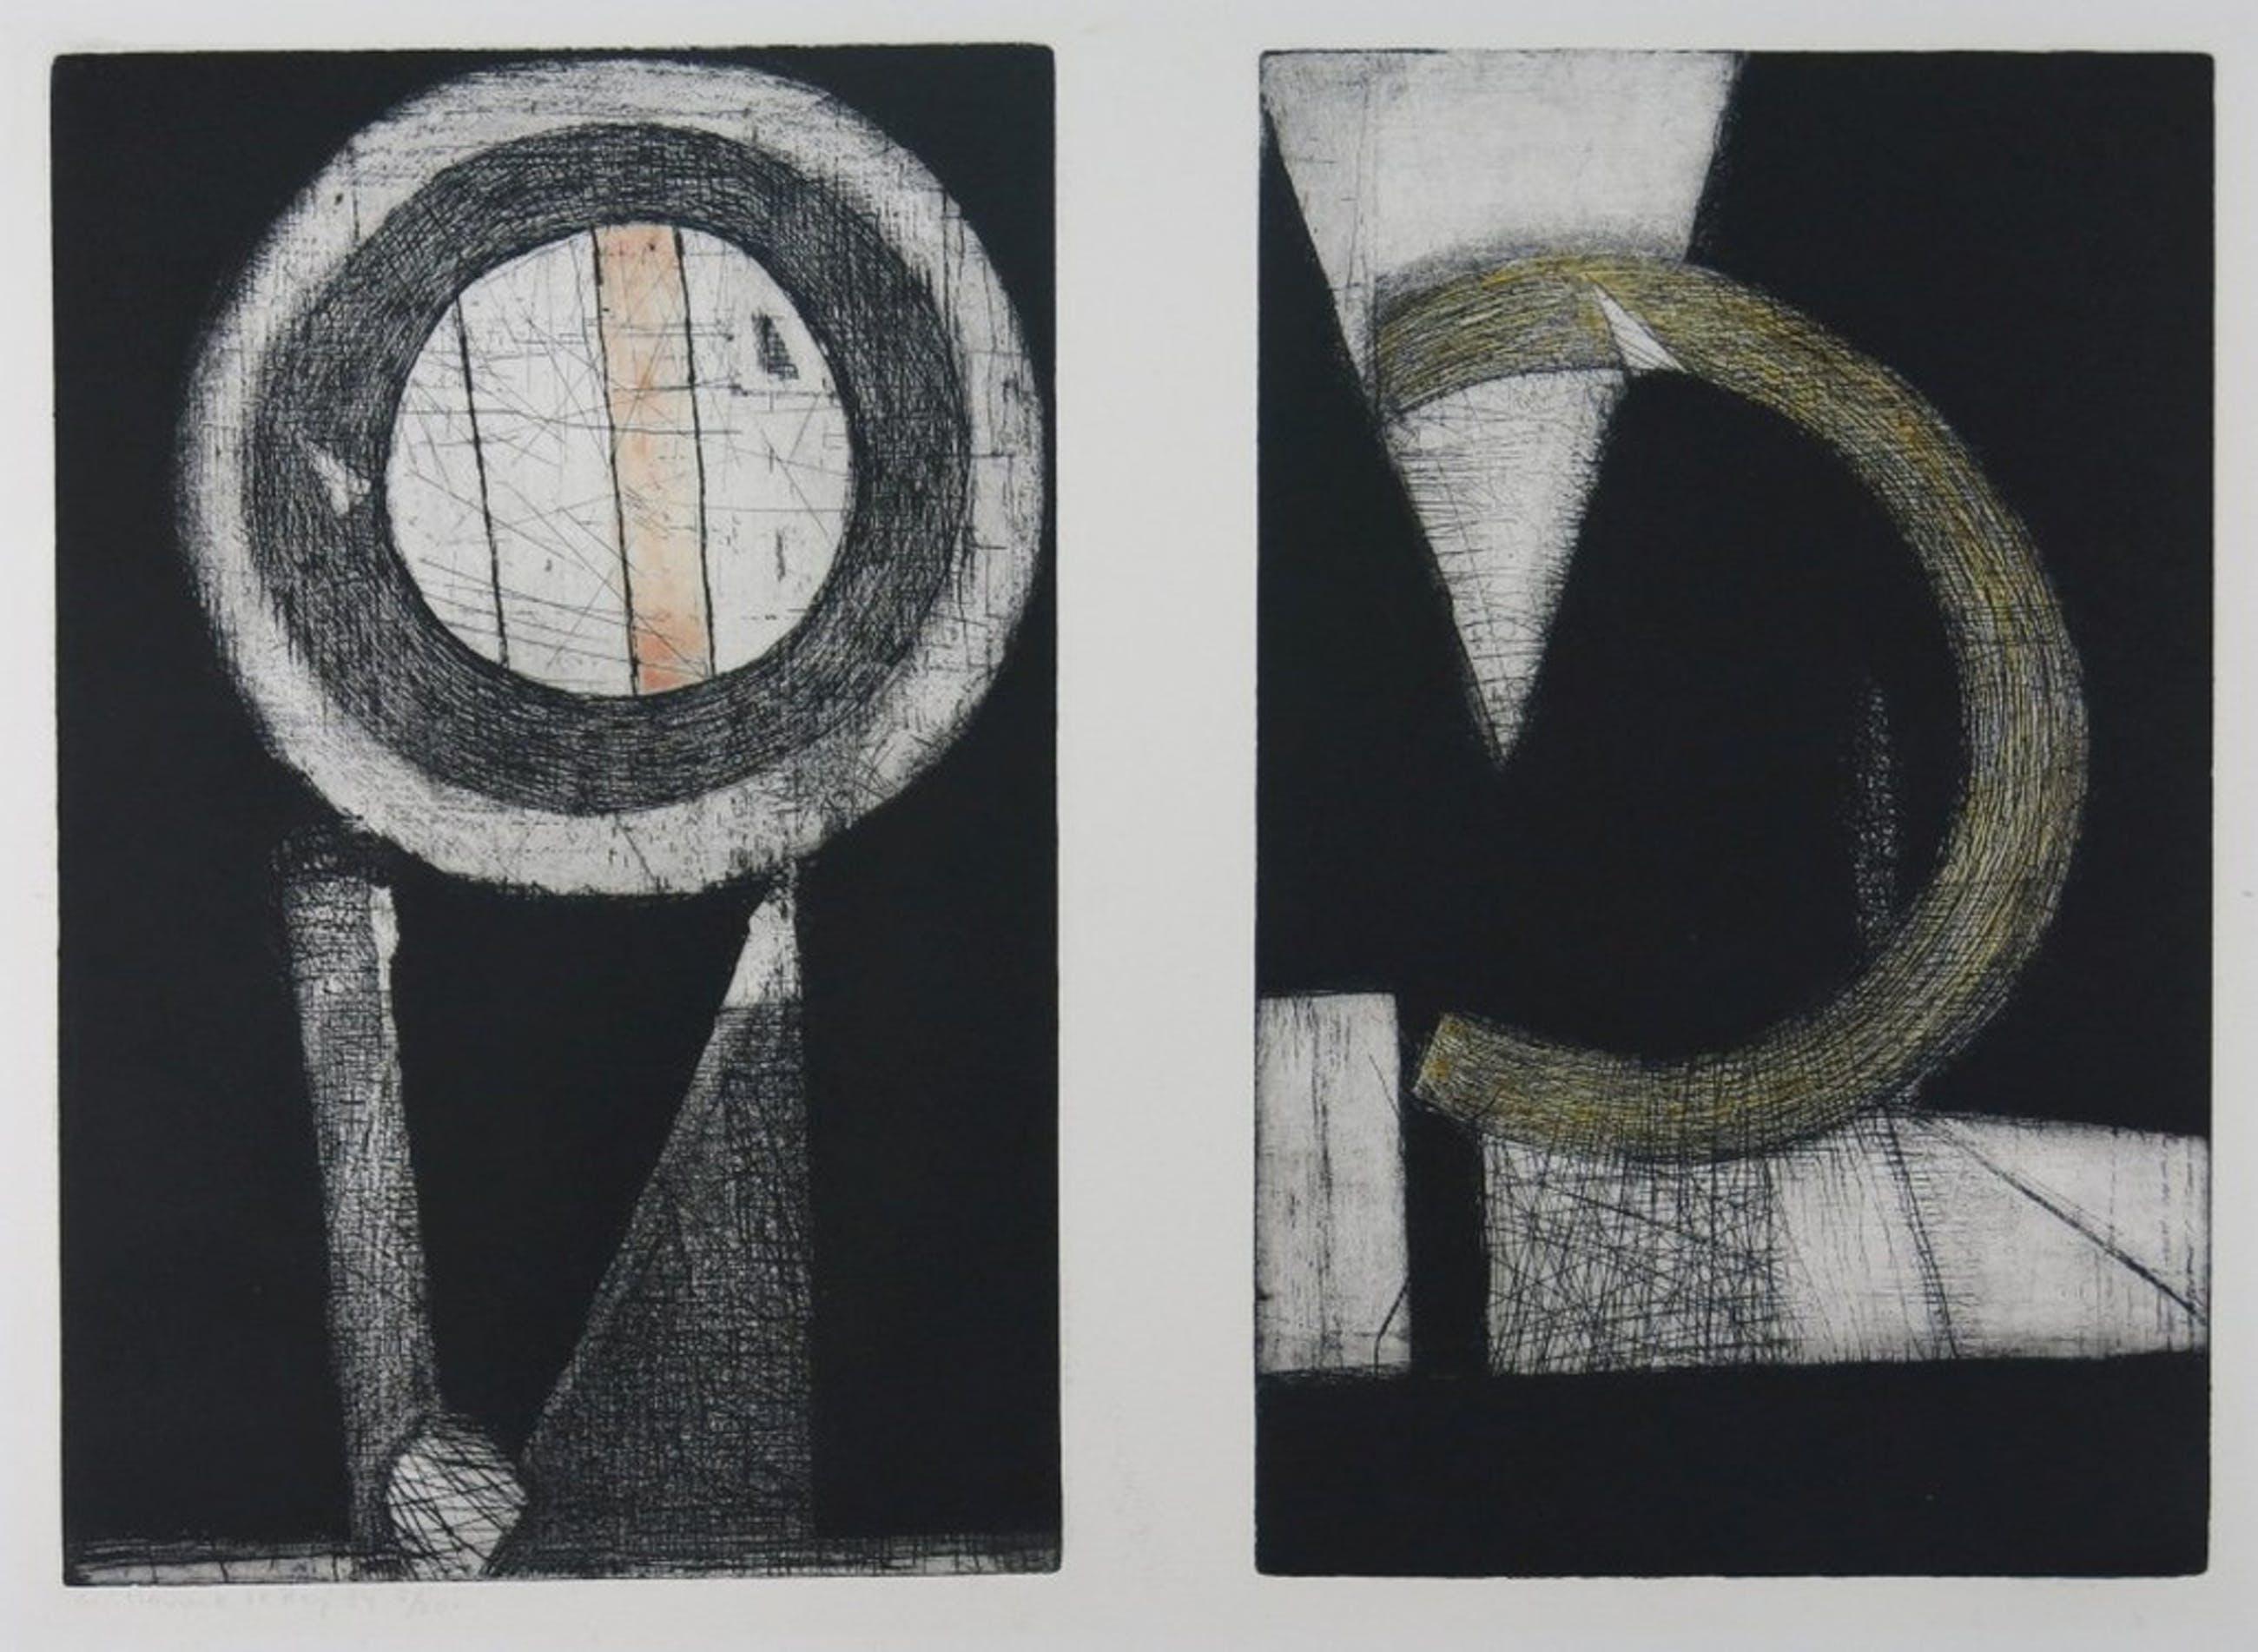 Guillaume Le Roy: Kleuren Ets, abstracte compositie  kopen? Bied vanaf 60!